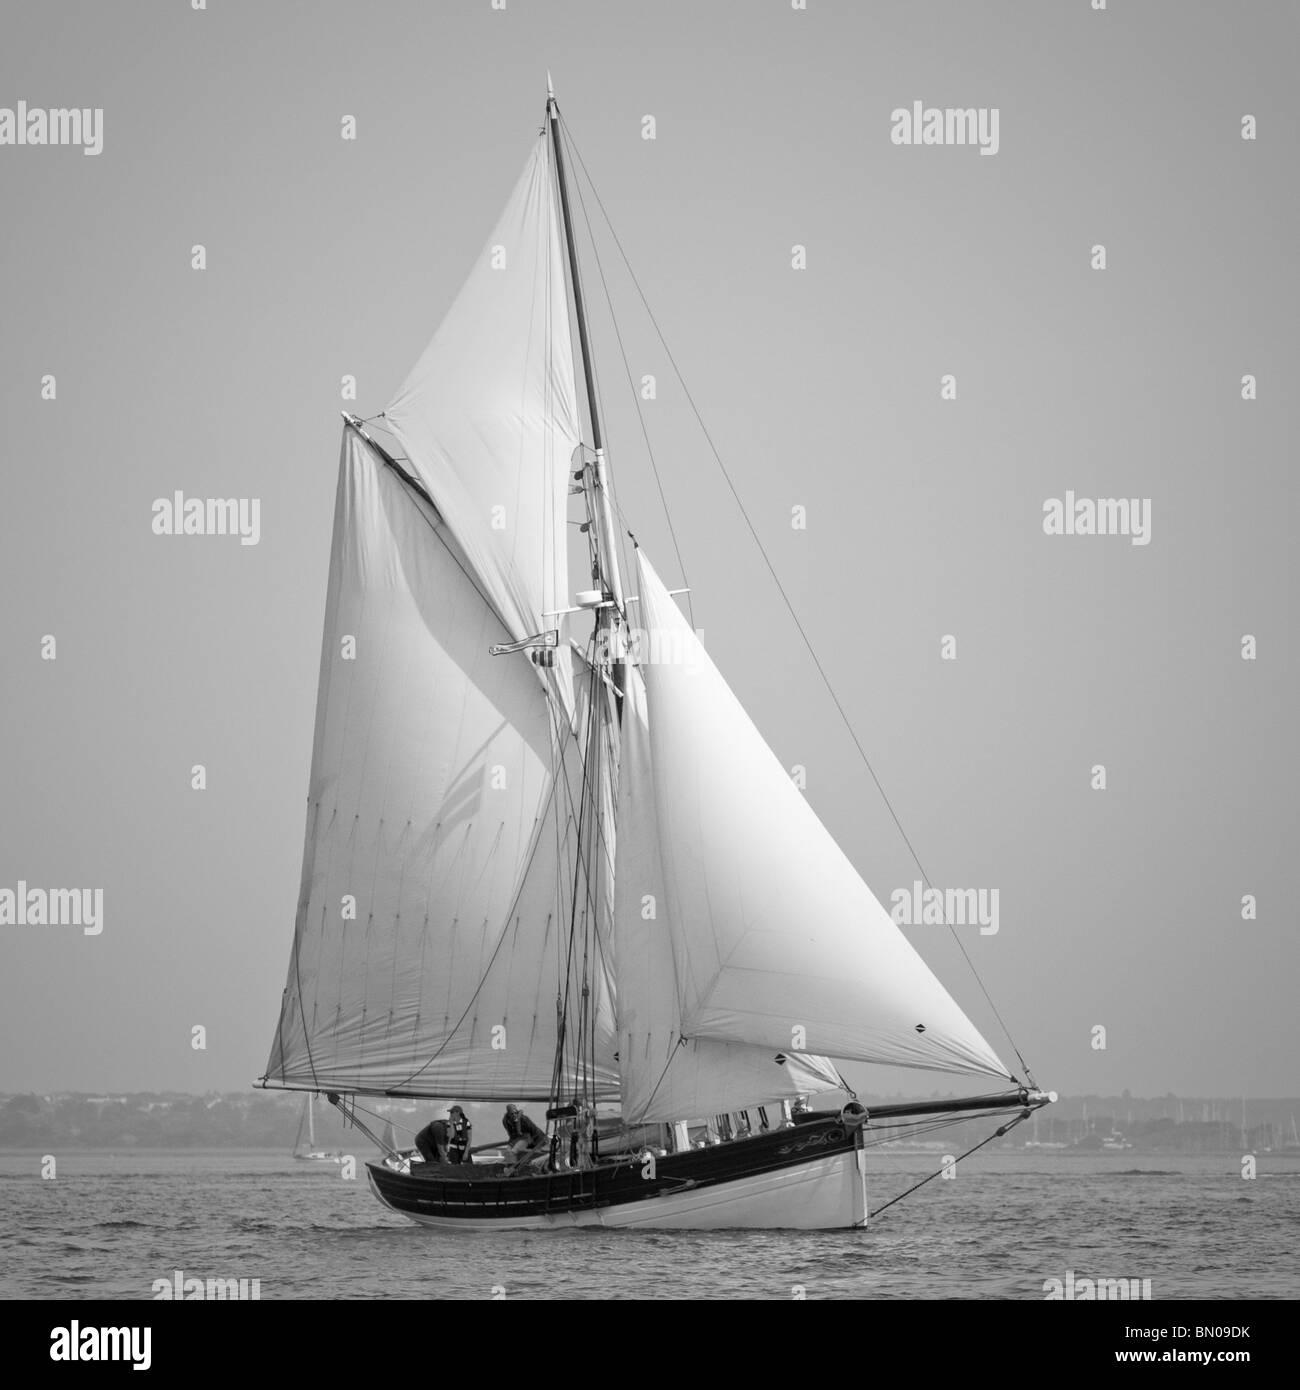 Un vieux gaff rigged bateau à voile dans le Solent Photo Stock